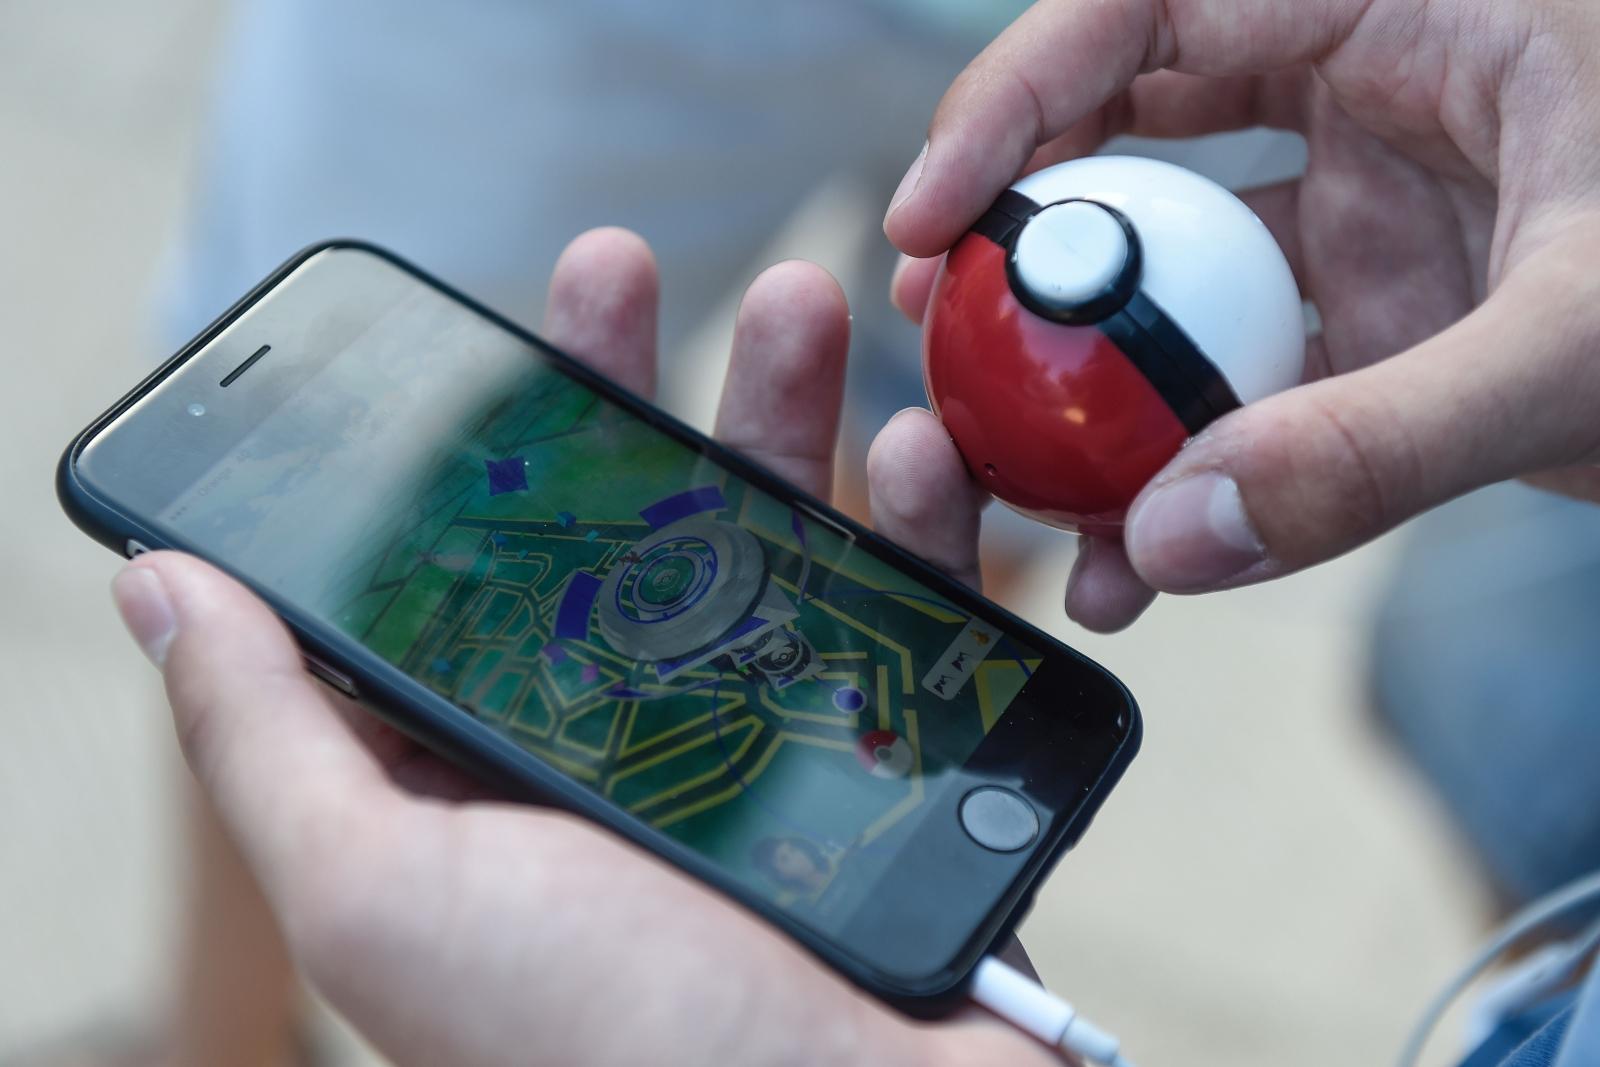 существует дополненная реальность для дома с смартфоном разные